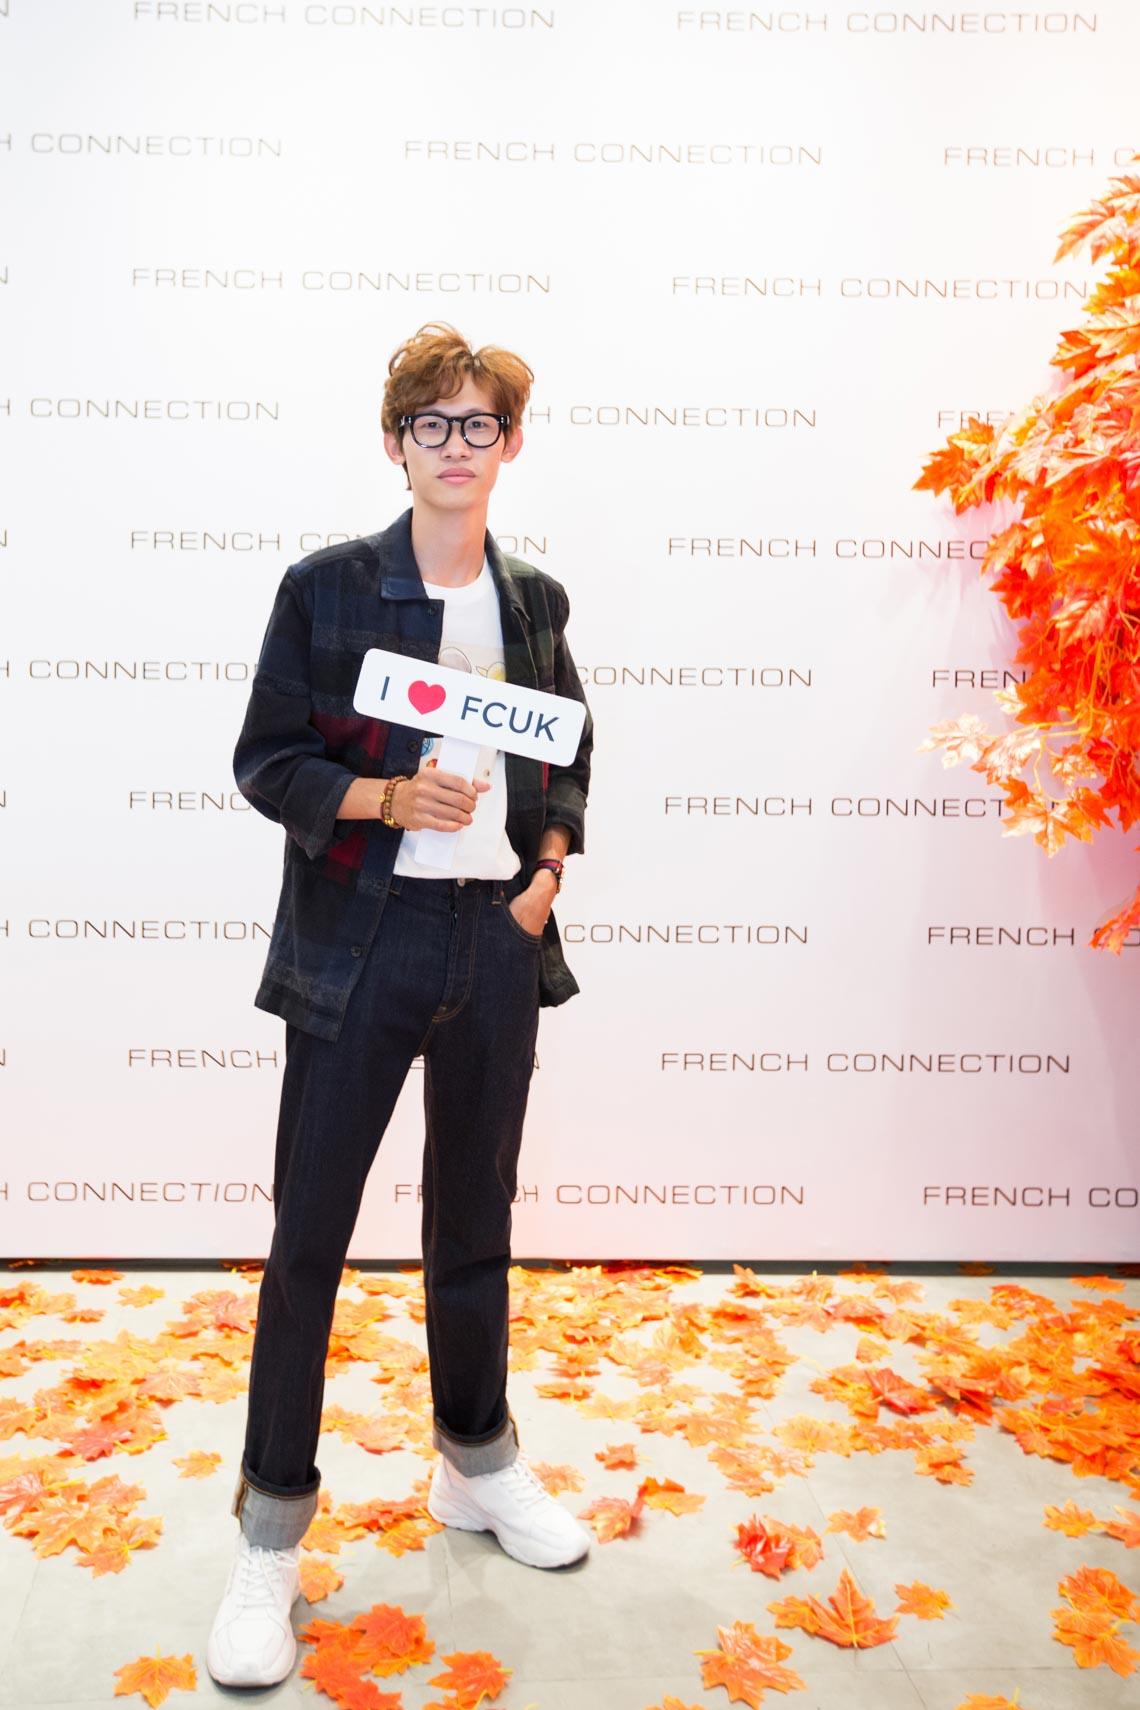 French Connection giới thiệu bộ sưu tập Thu Đông 2019 tại Hà Nội - 8